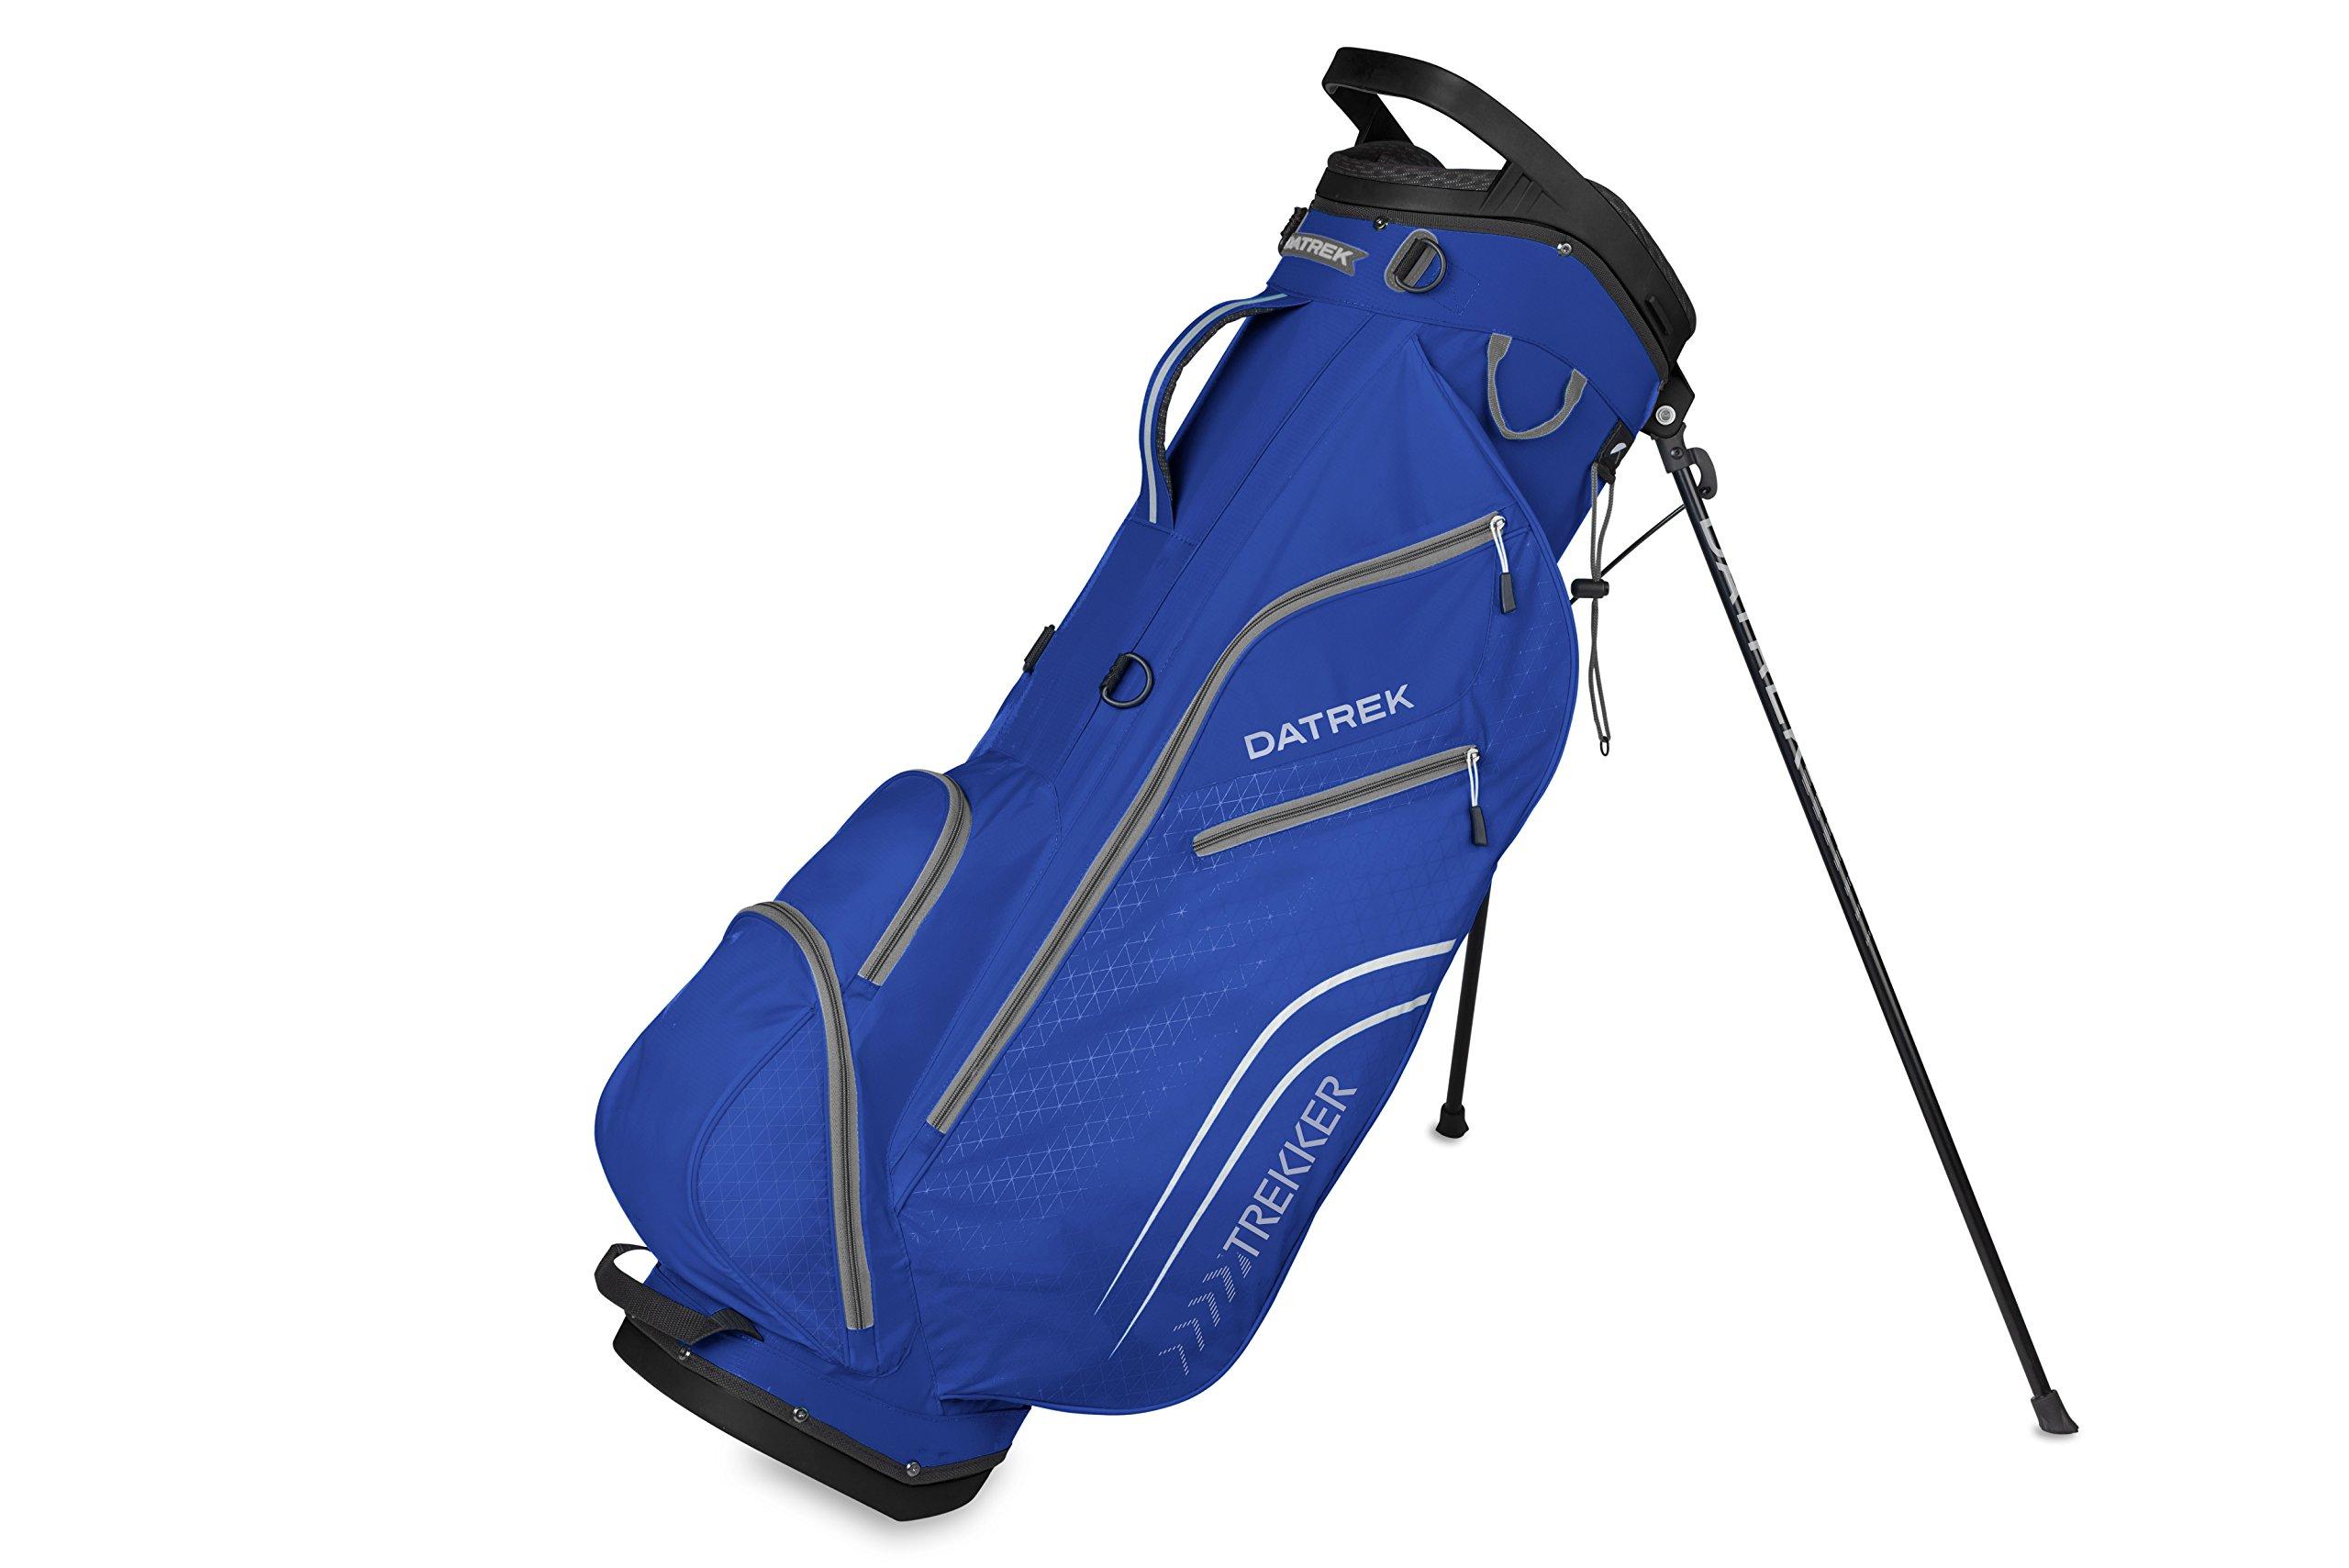 Datrek Golf Trekker Ultra Lite Stand Bag (Cobalt/Silver)